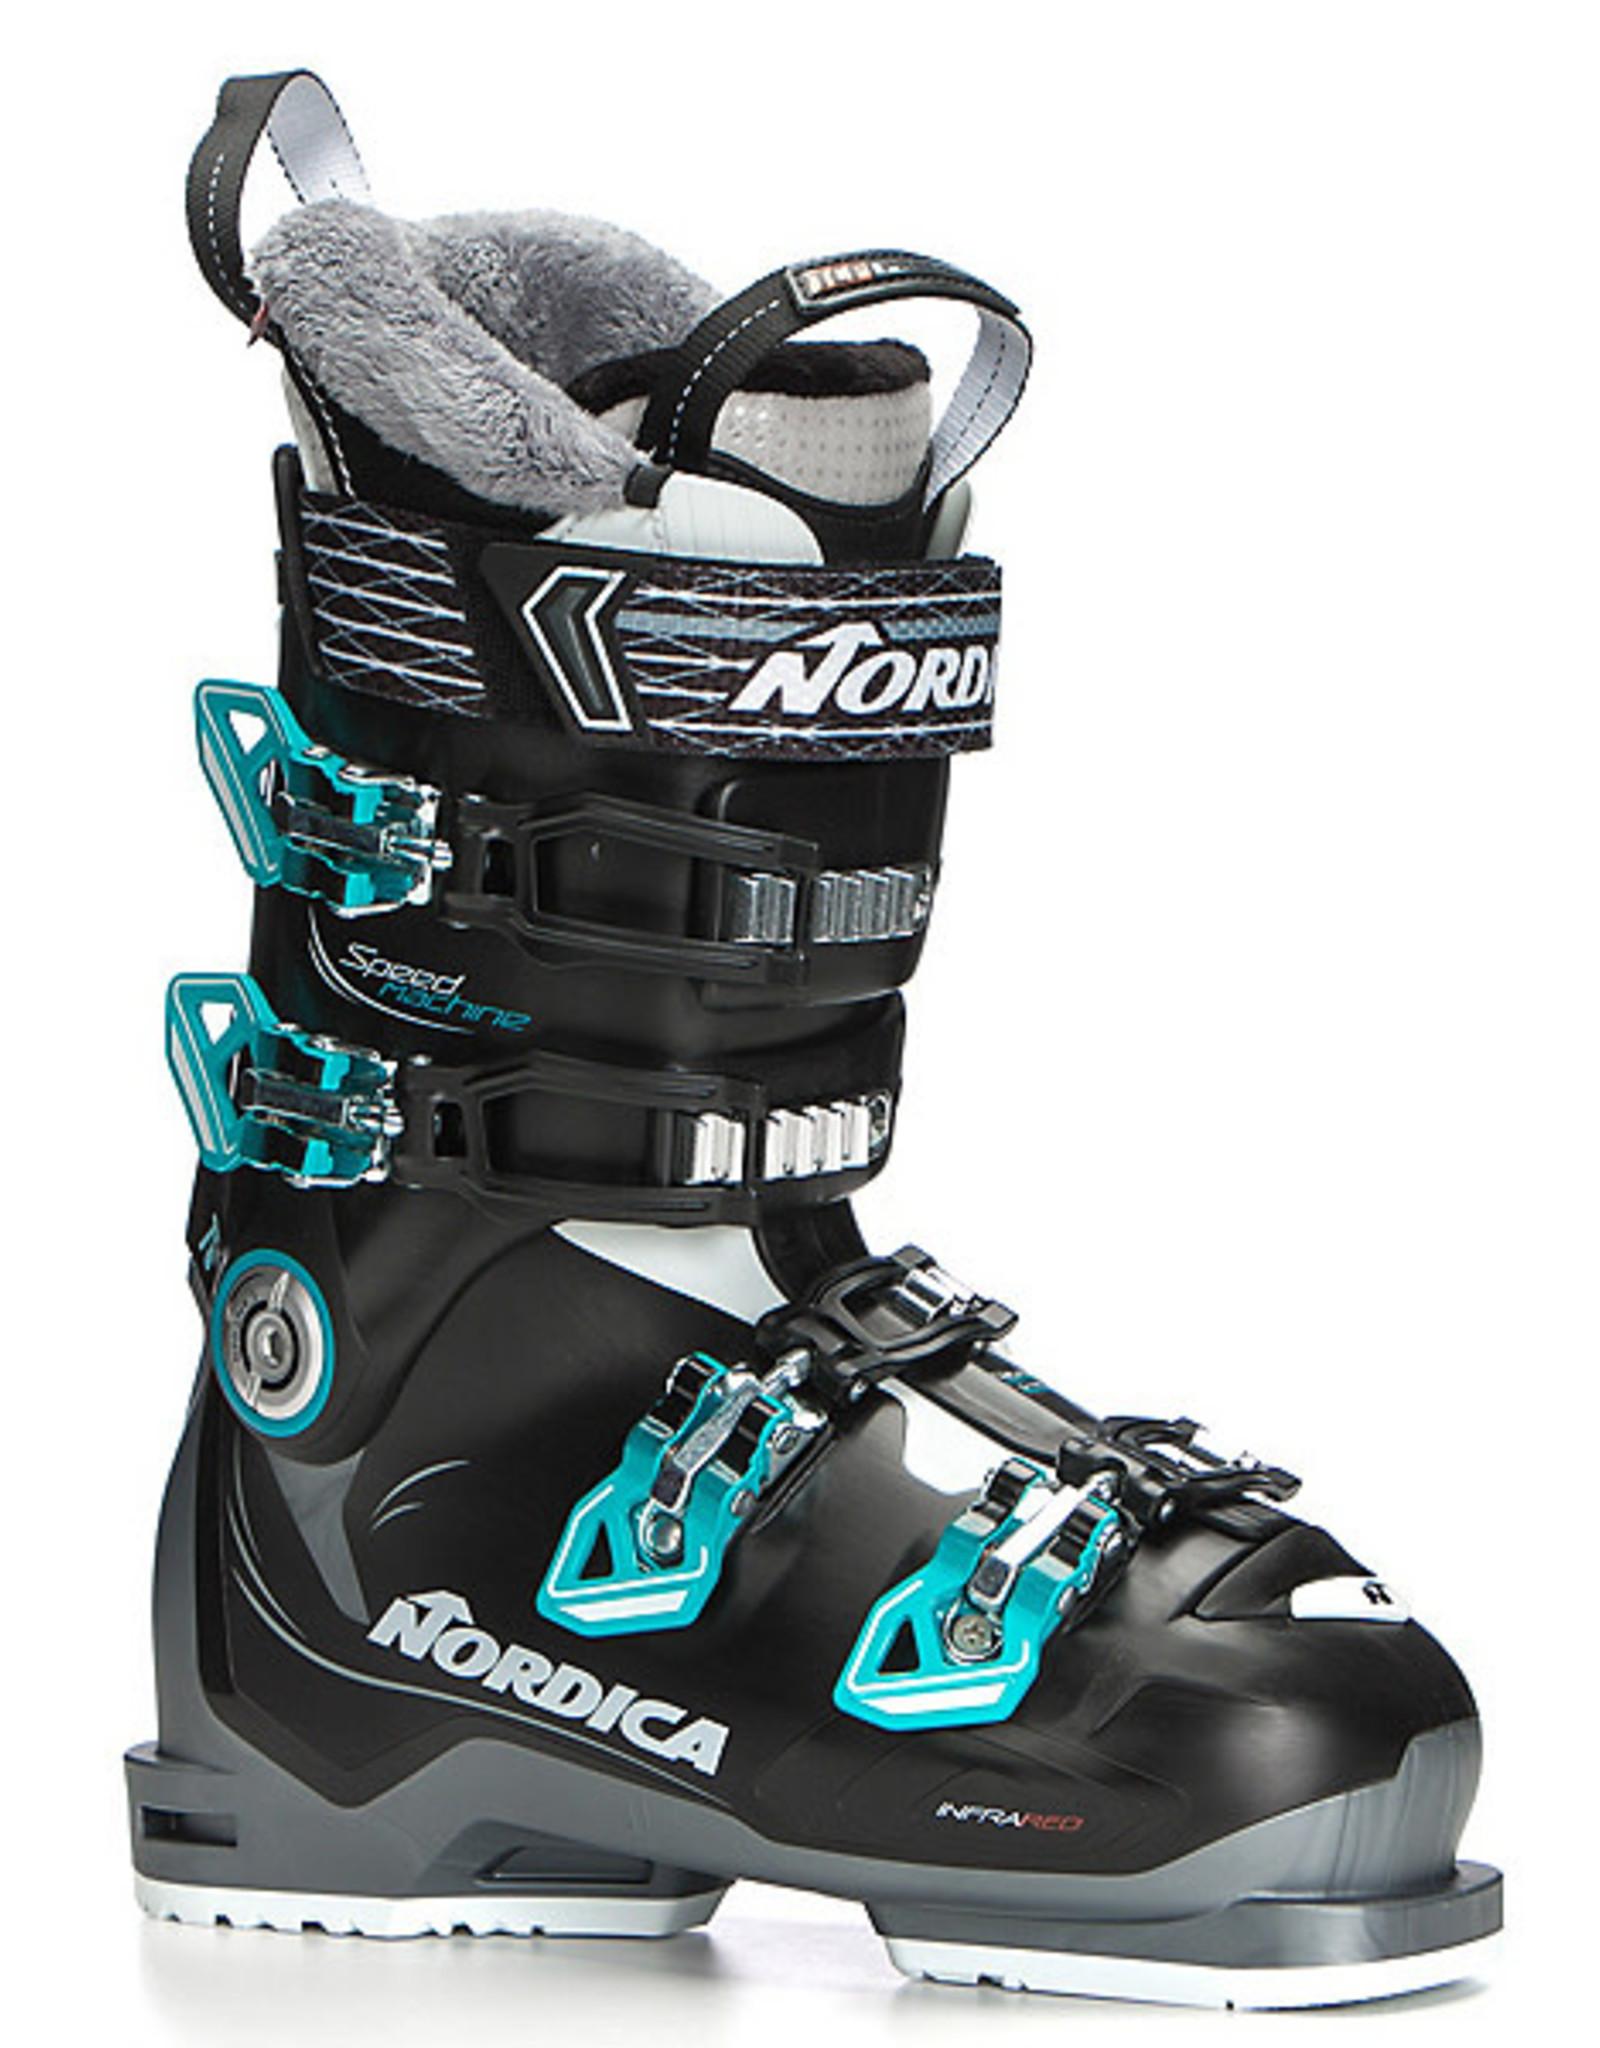 NORDICA NORDICA Ski Boots SPEEDMACHINE 75 W (18/19)